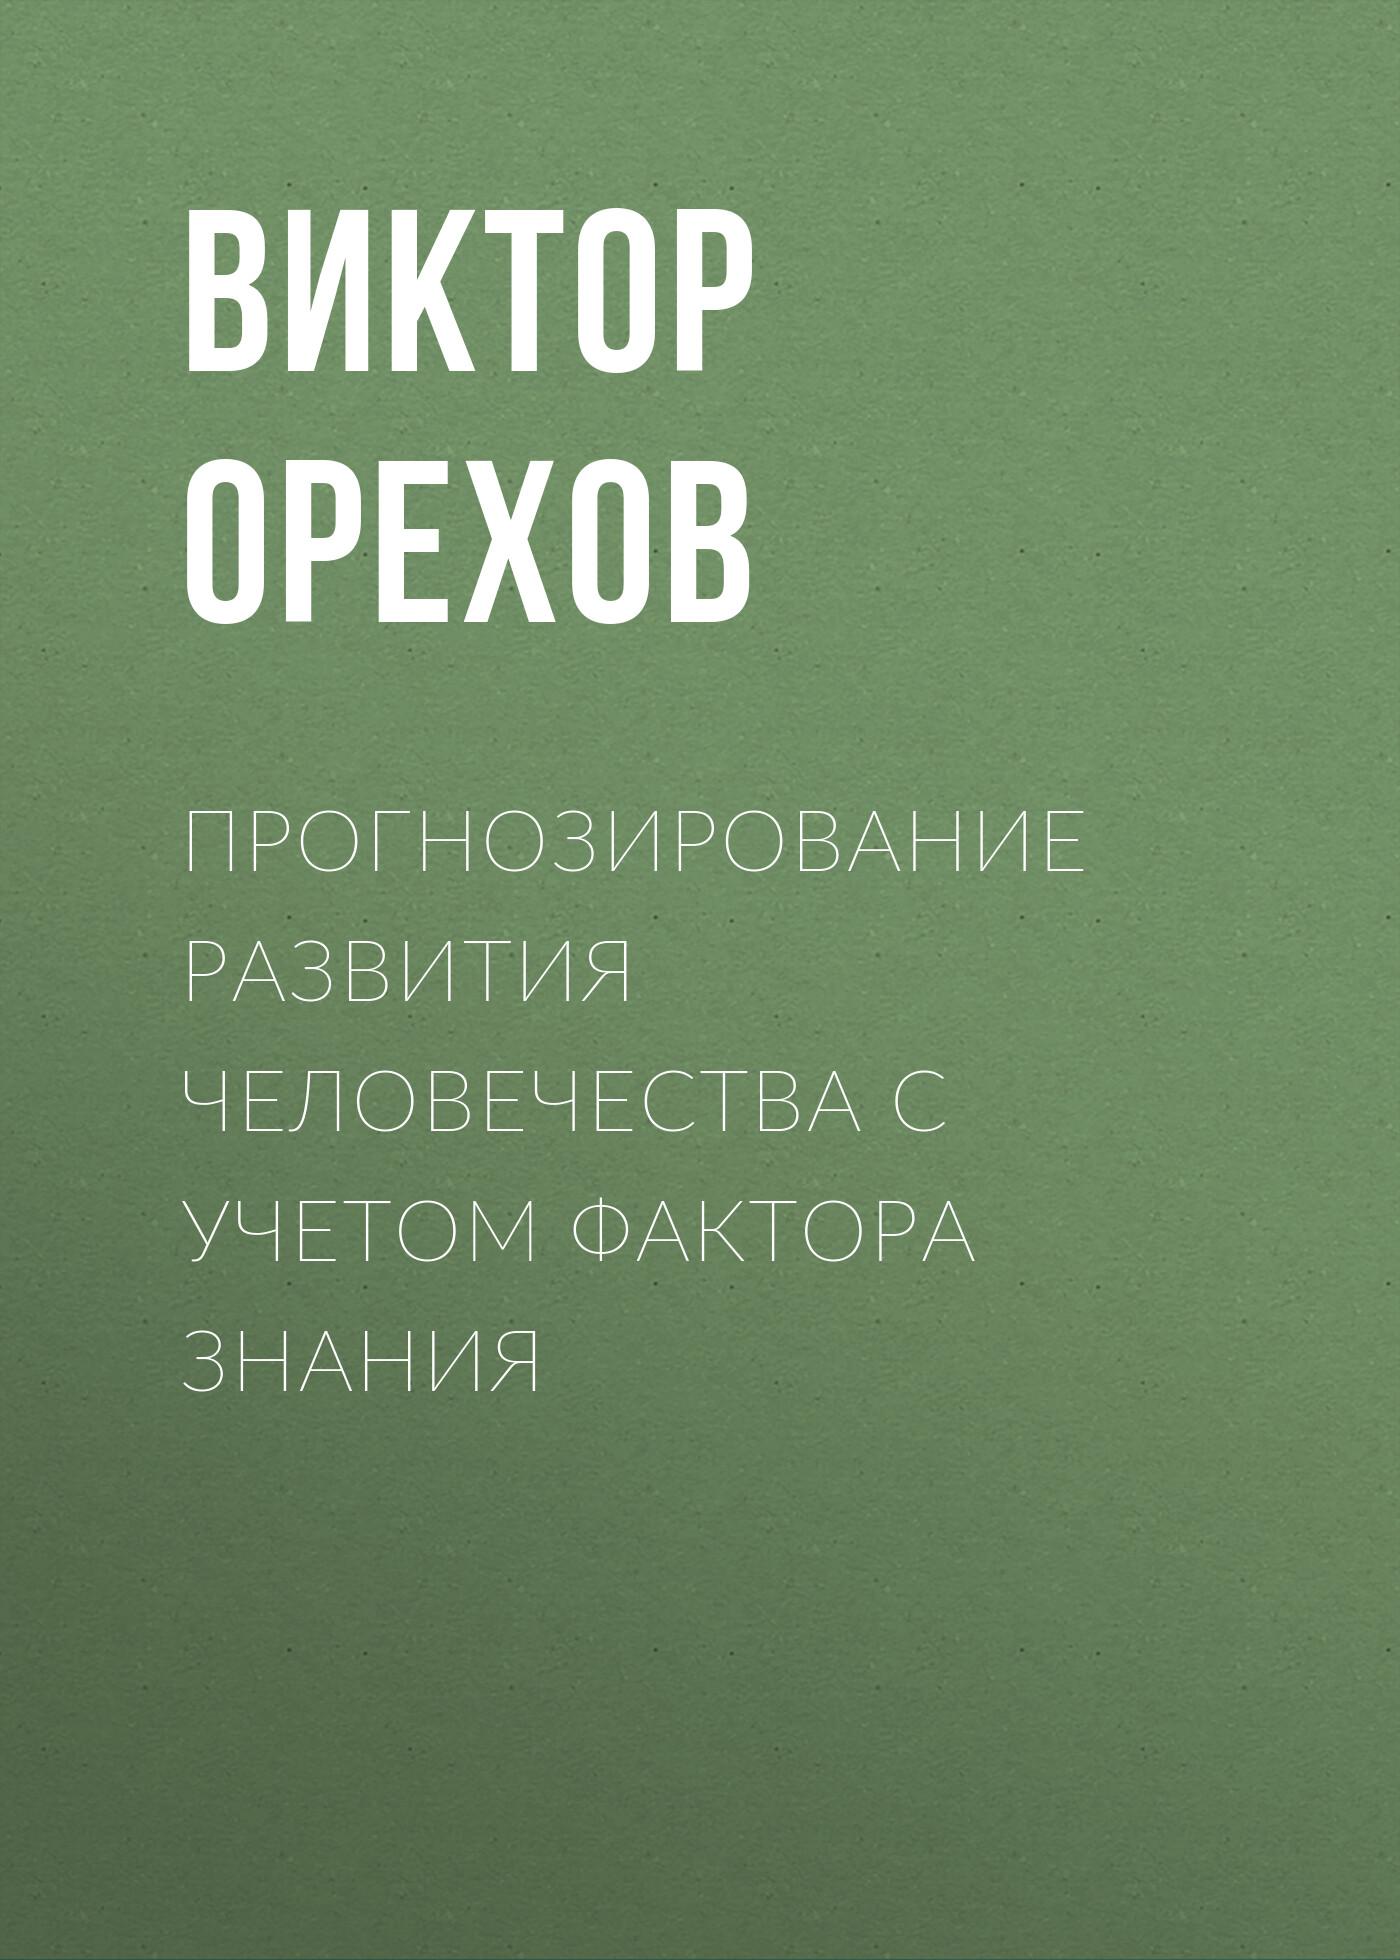 Виктор Орехов «Прогнозирование развития человечества с учетом фактора знания»